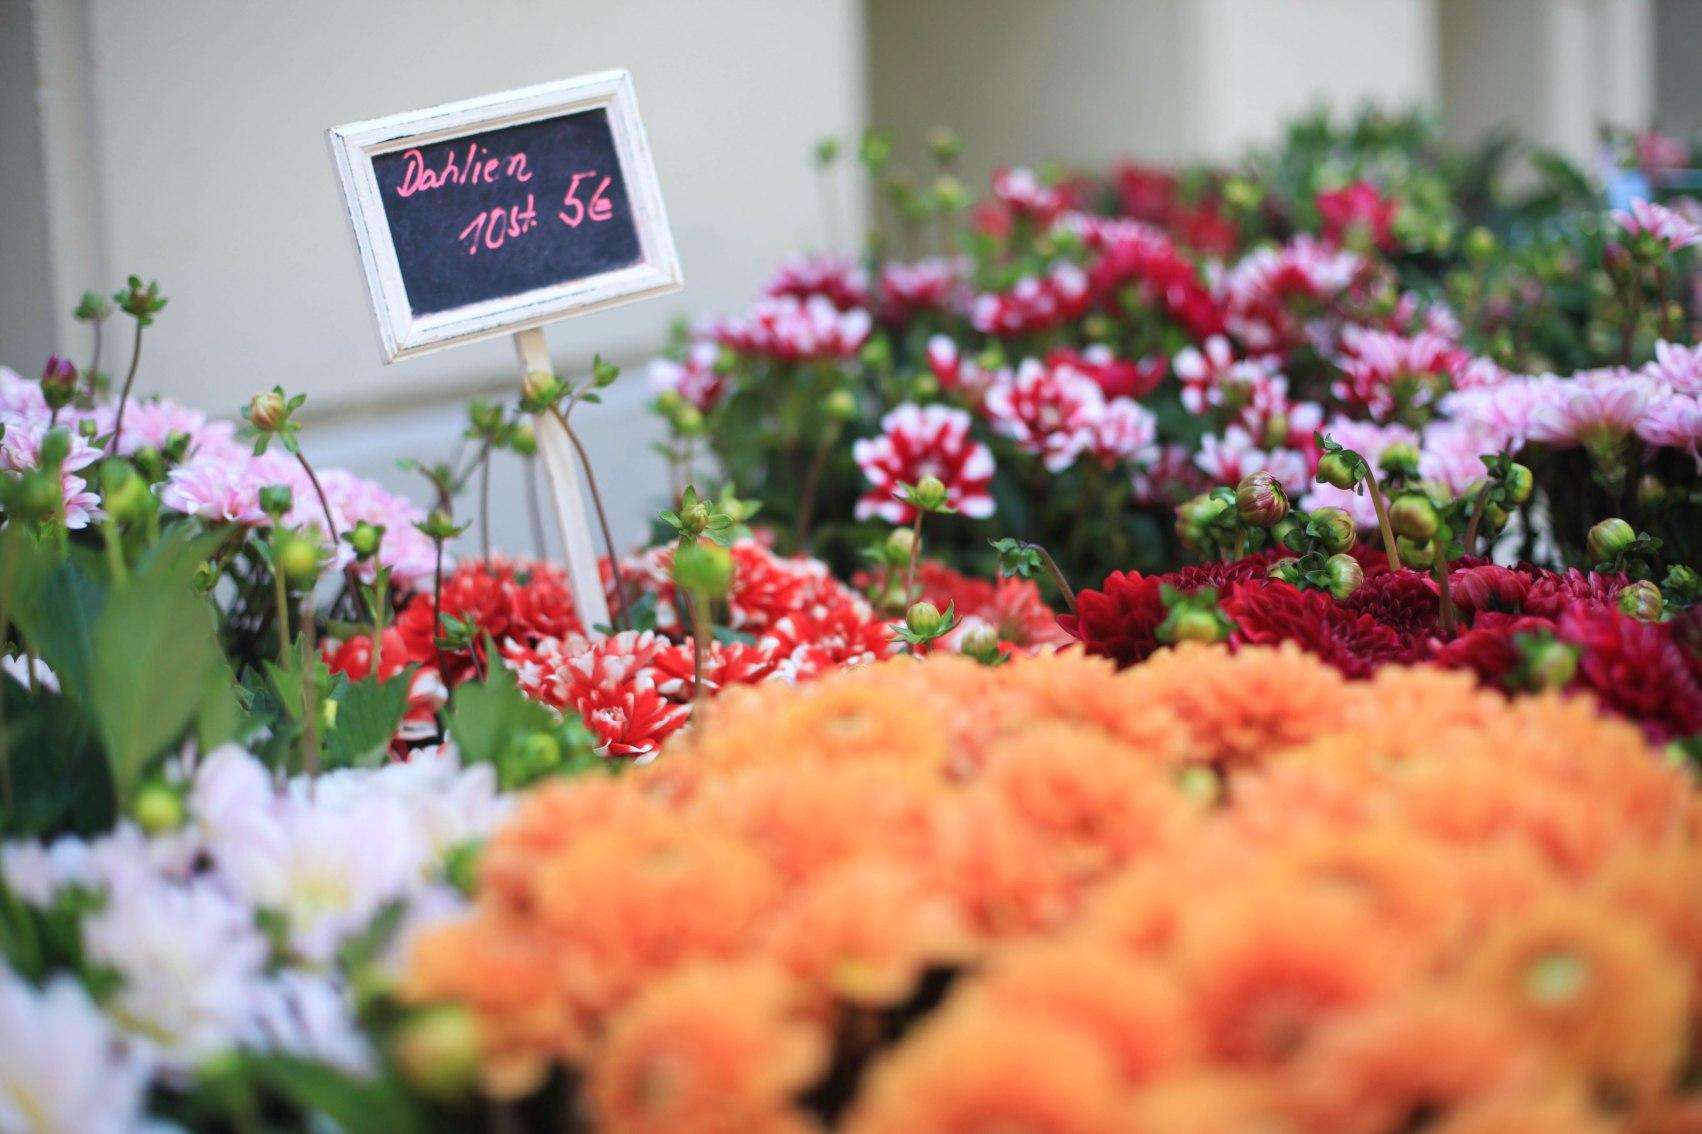 Dahlien sind Spätsommerblumen.